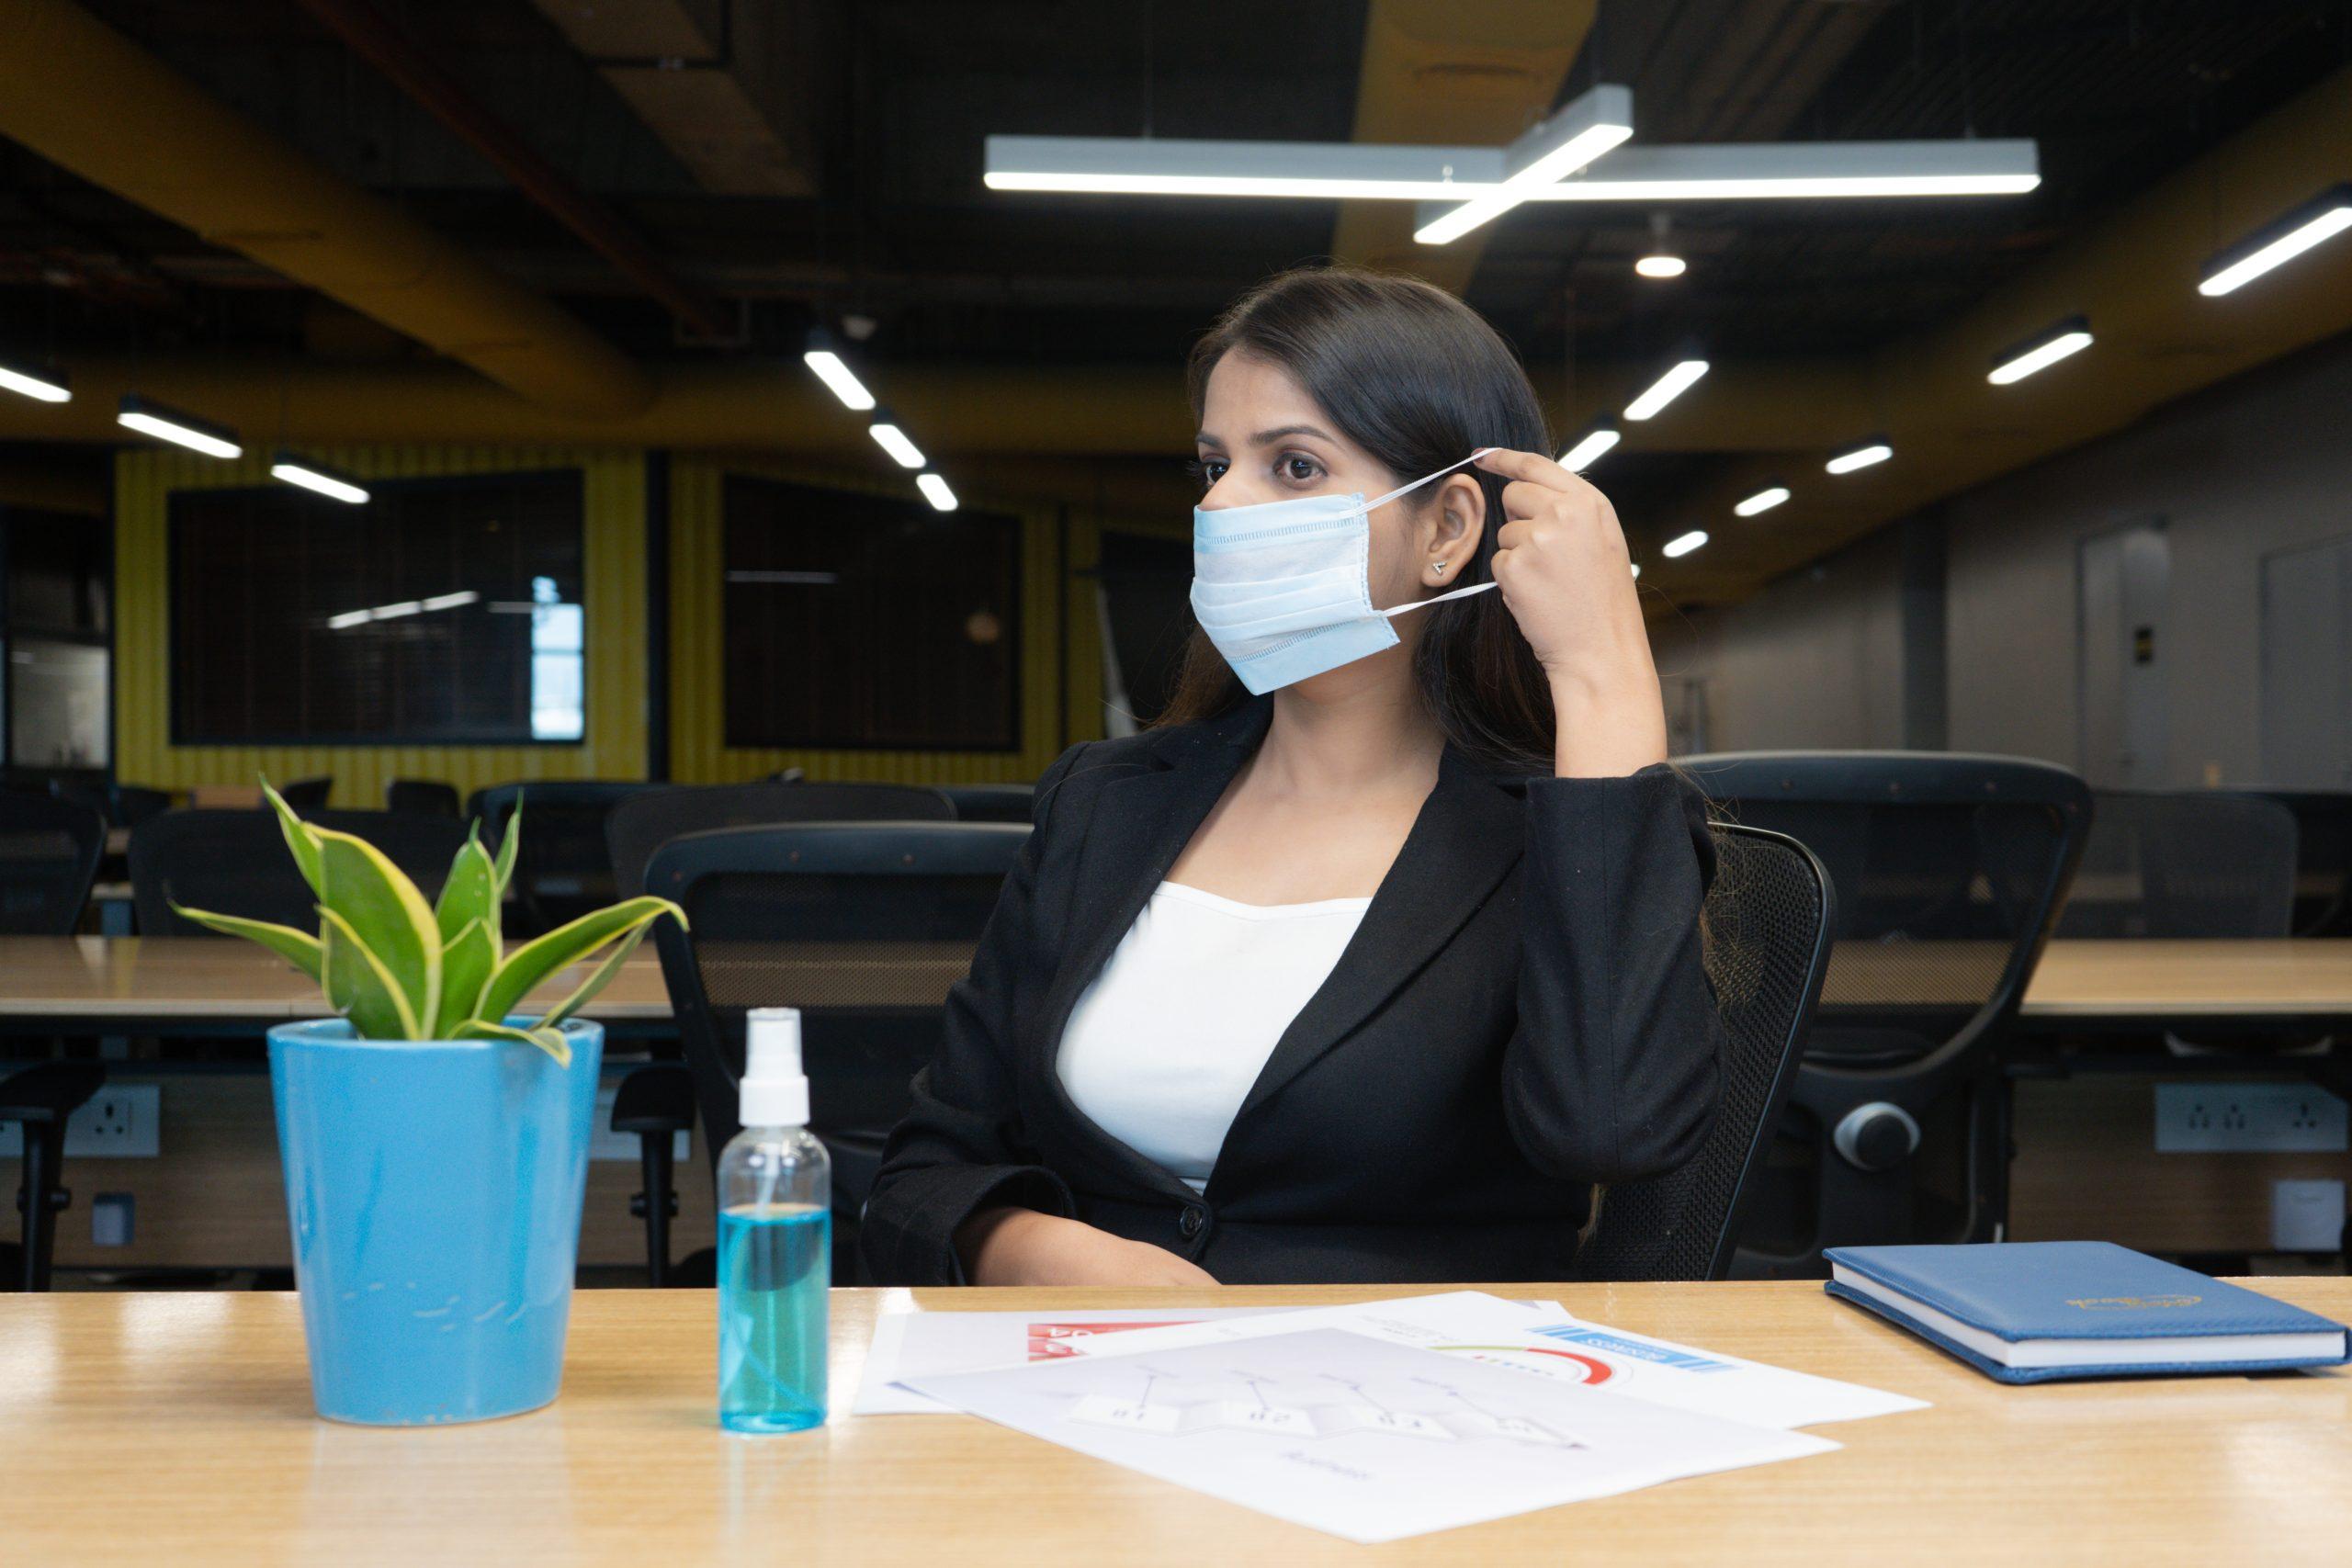 Girl wearing mask in office